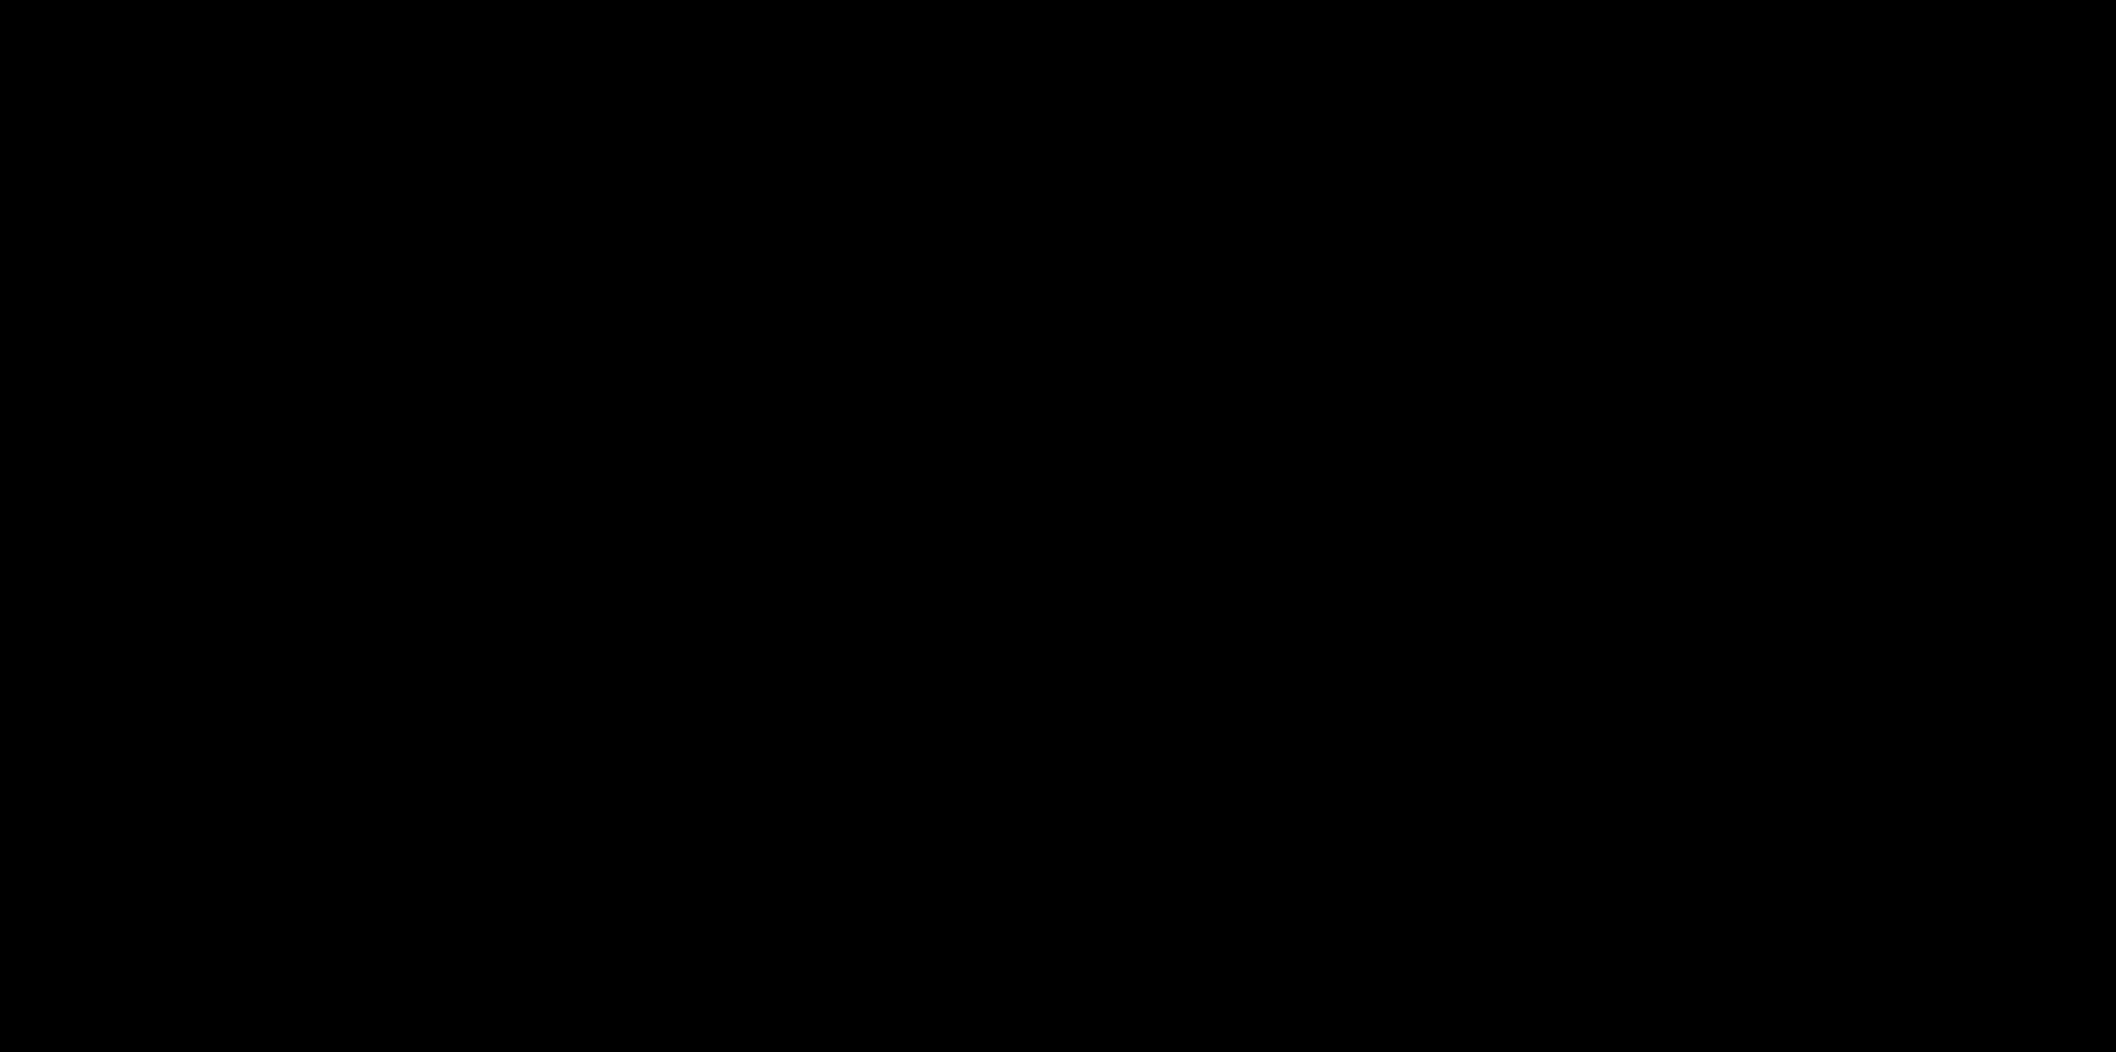 CÔNG TY CỔ PHẦN WELINC